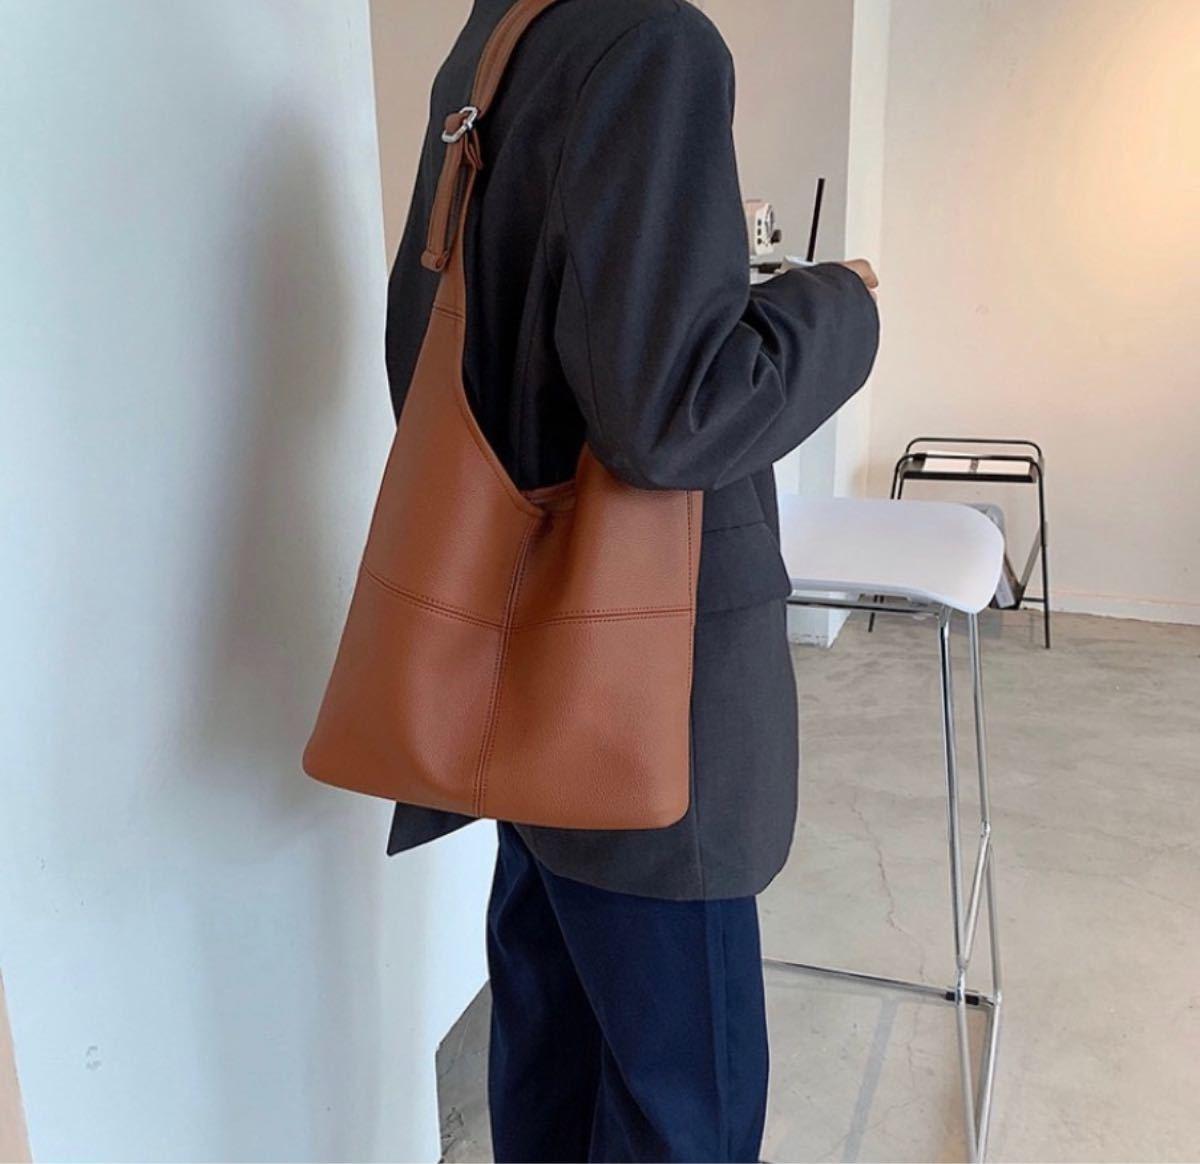 トートバッグ ハンドバッグ ビジネス カジュアル エコバッグ PUレザー レディースバッグ 通勤バッグ トートショルダーバッグ